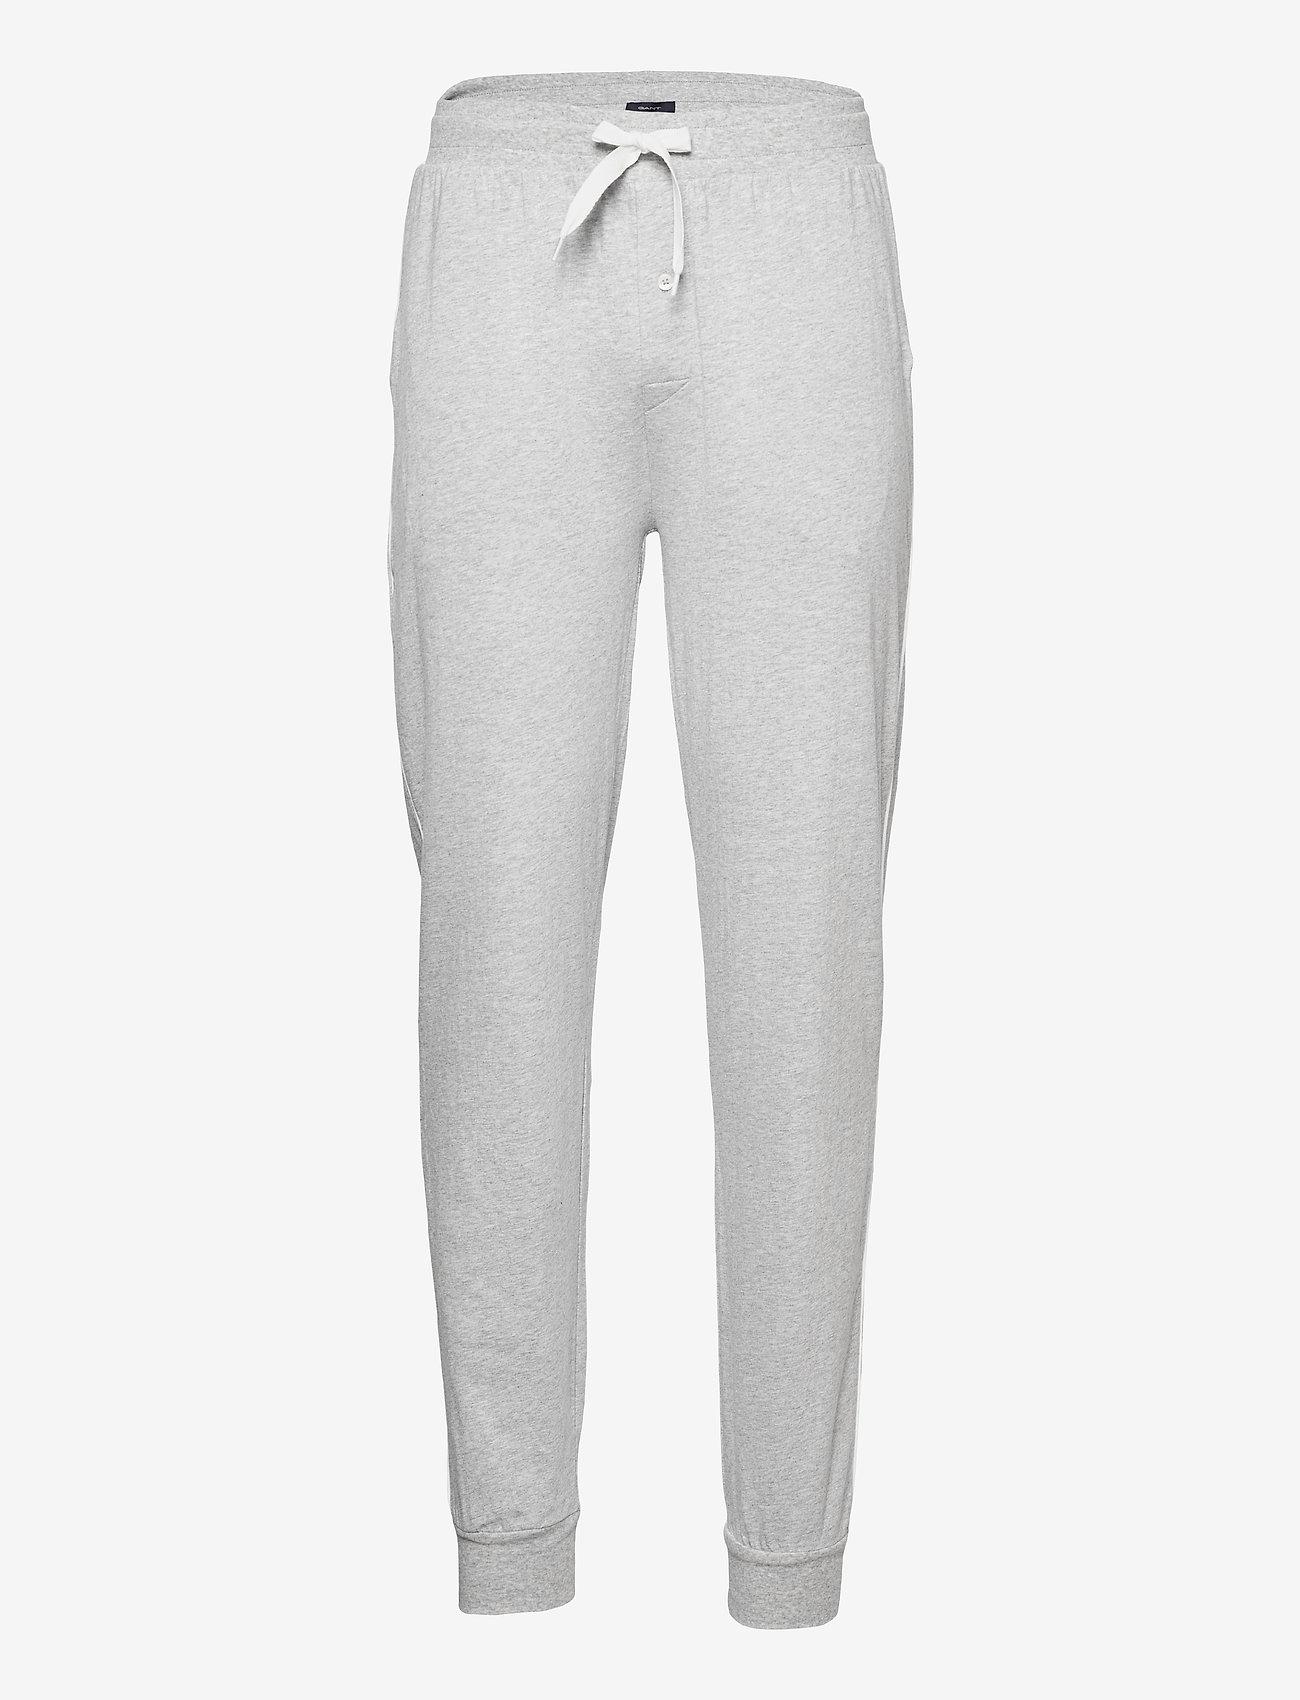 GANT - JERSEY PAJAMA PANTS - bottoms - light grey melange - 0